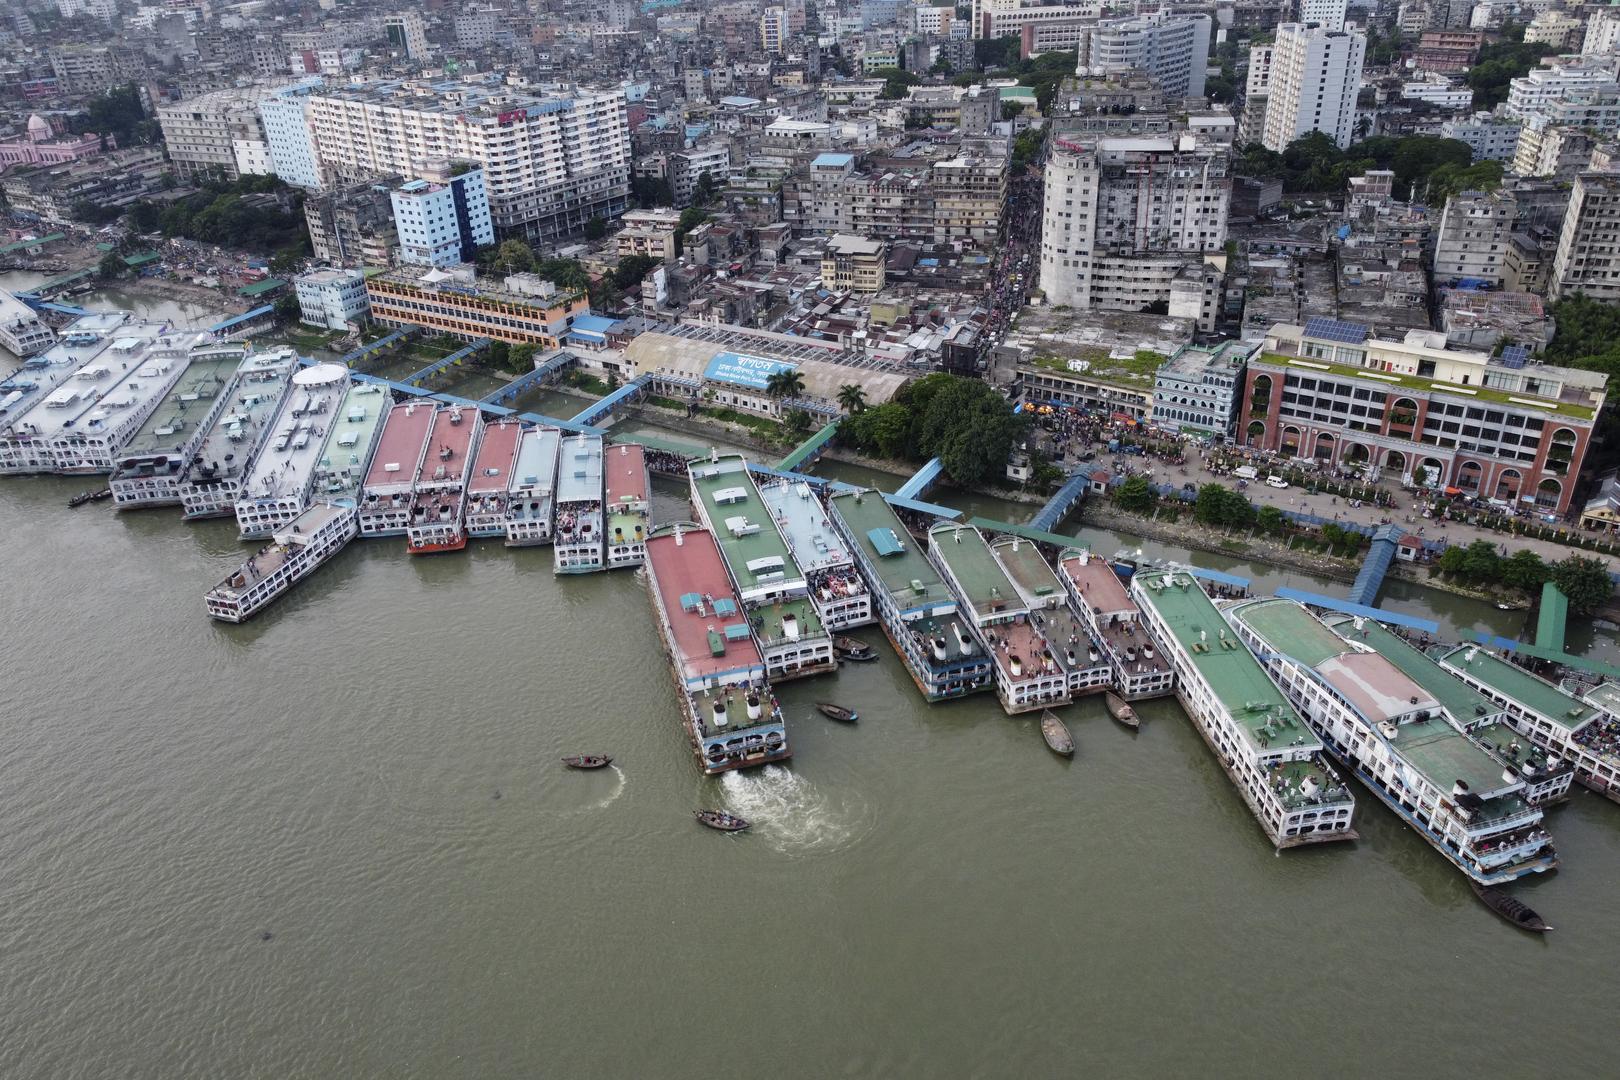 غرق عبارة على متنها أكثر من 50 شخصا وسط بنغلاديش